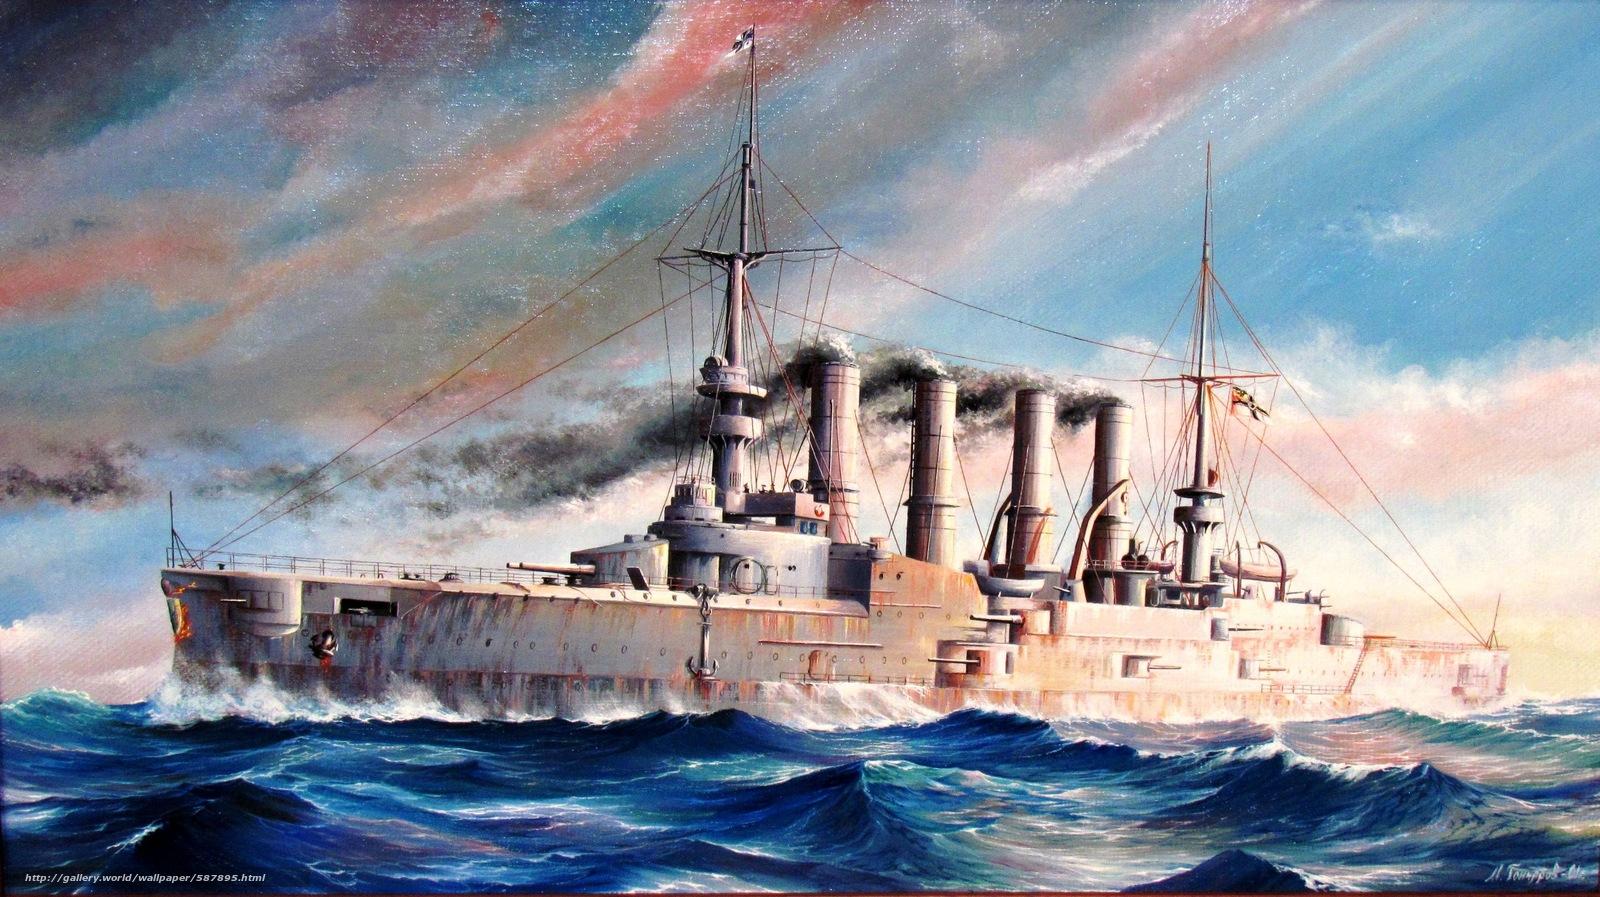 Скачать обои «Шарнхорст»,  море,  художник М.Гончаров,  германского императорского флота бесплатно для рабочего стола в разрешении 3476x1948 — картинка №587895